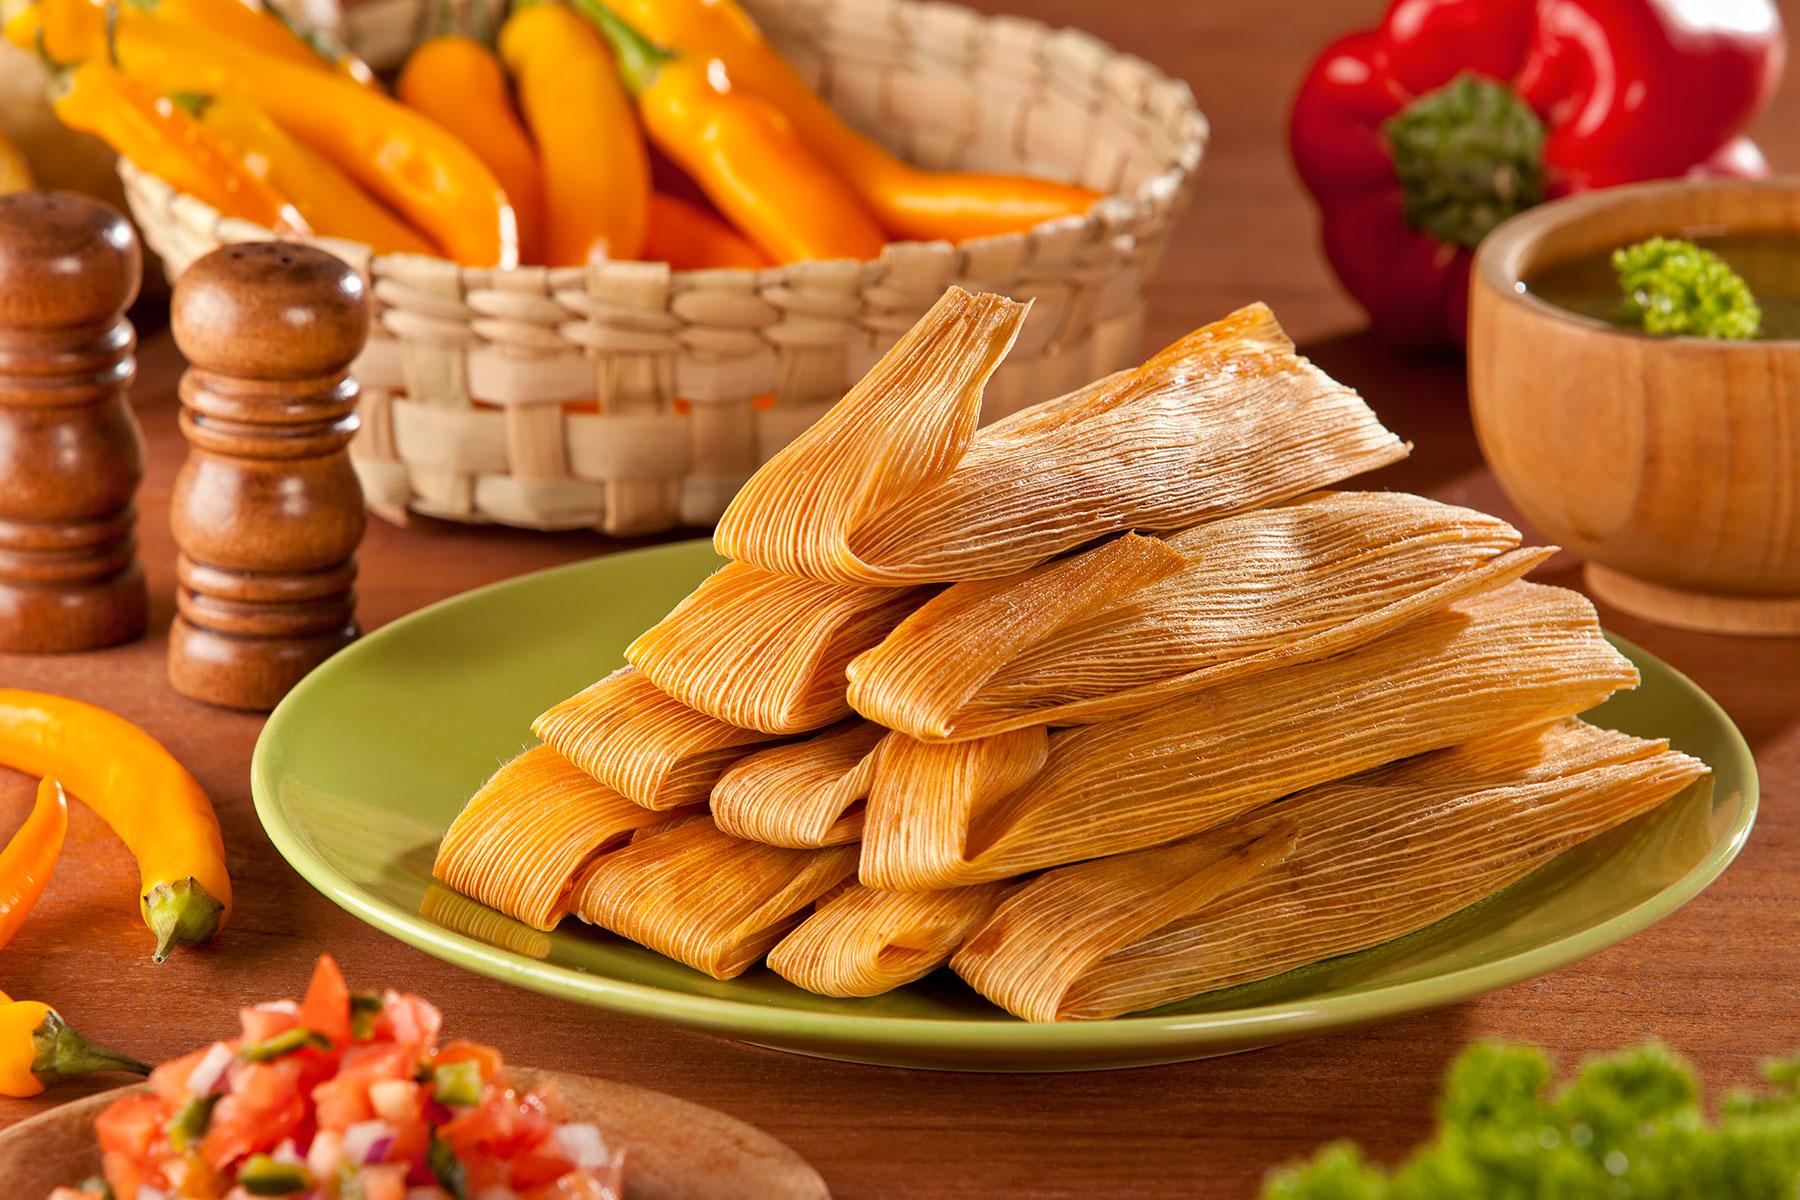 fotografo_de_alimentos tamales mexicanos